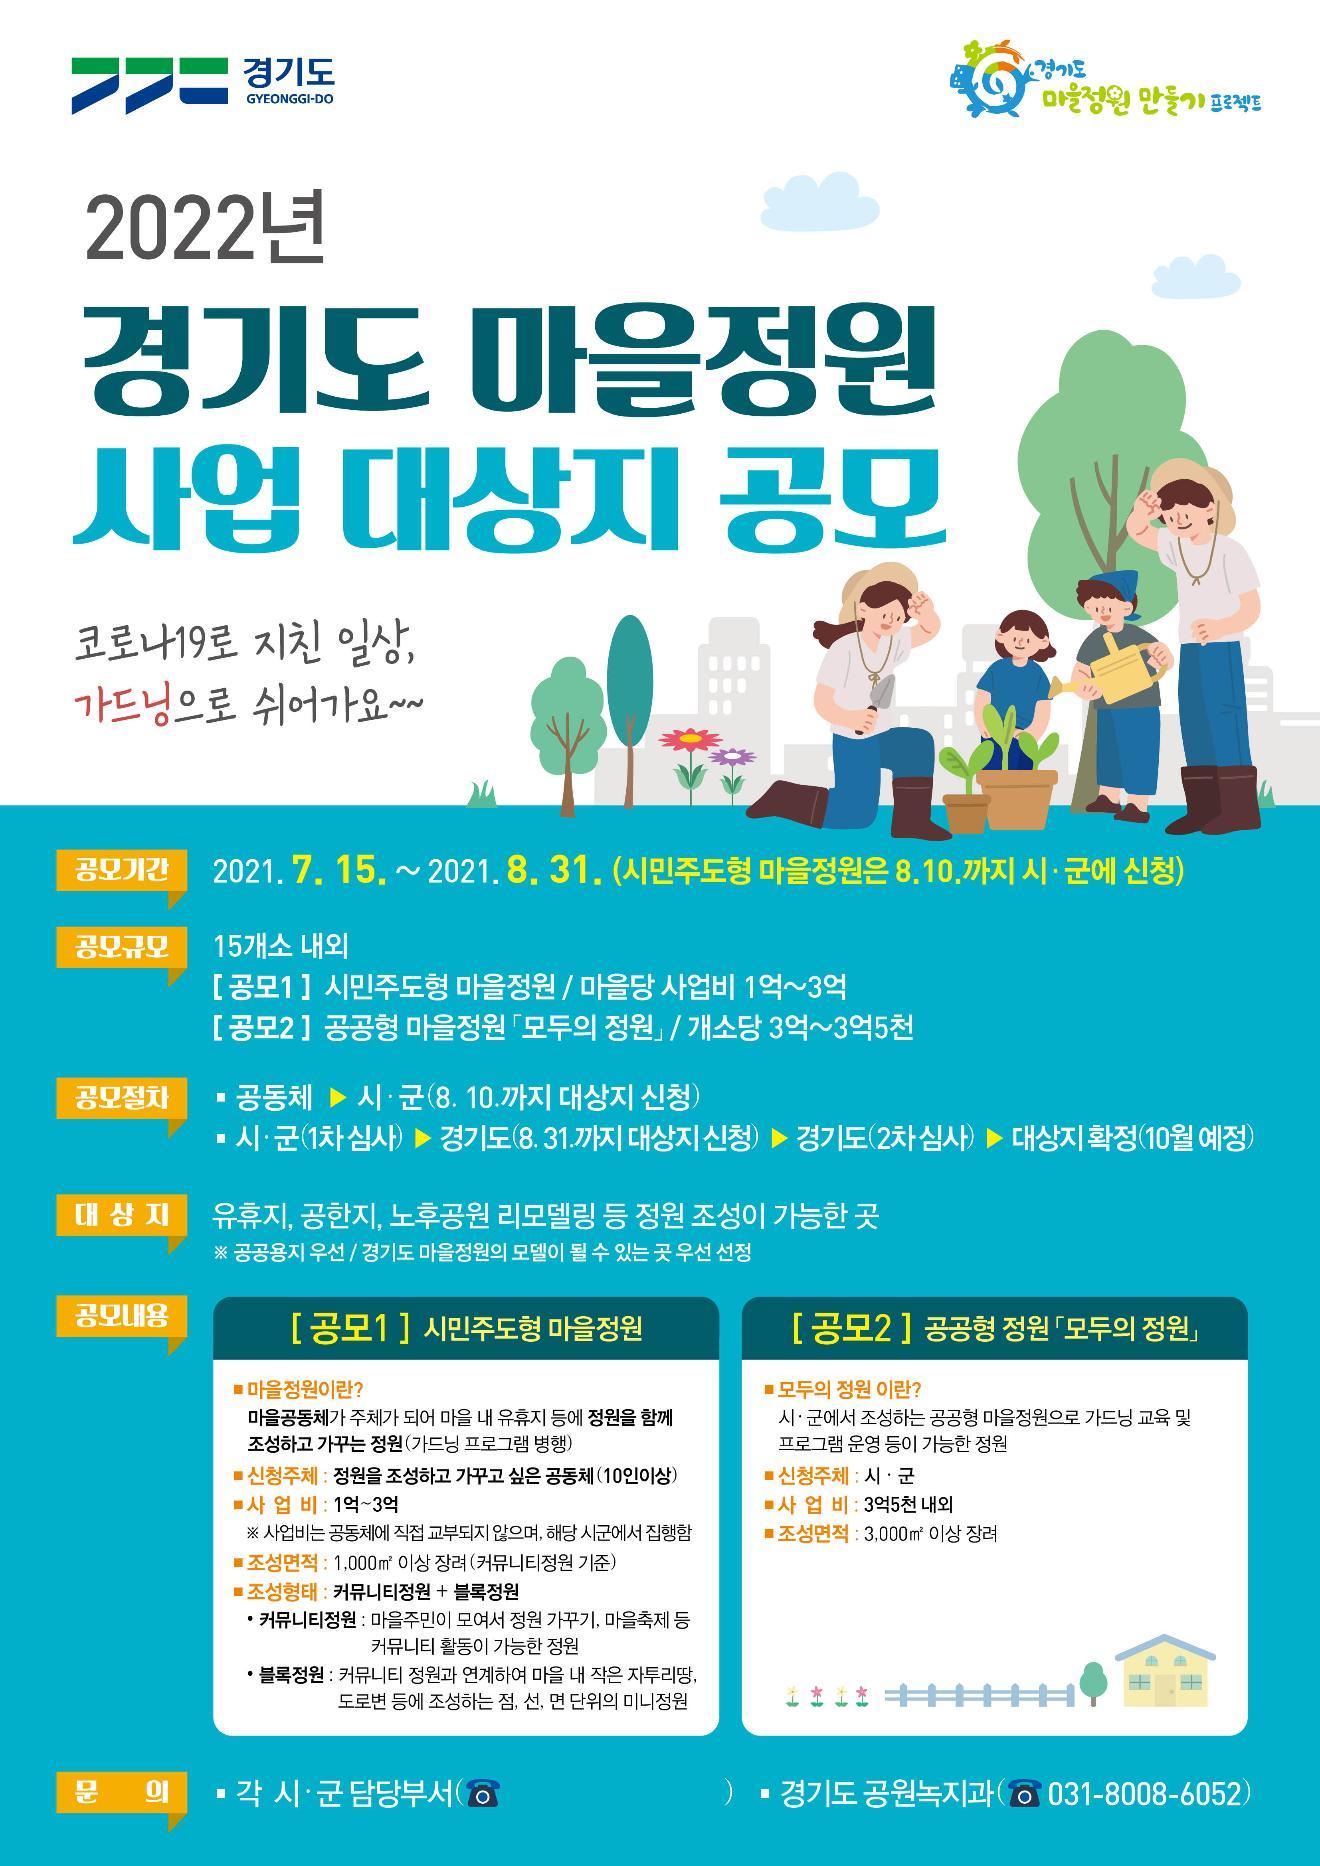 2022년 경기도 마을정원 조성사업 대상지 공모